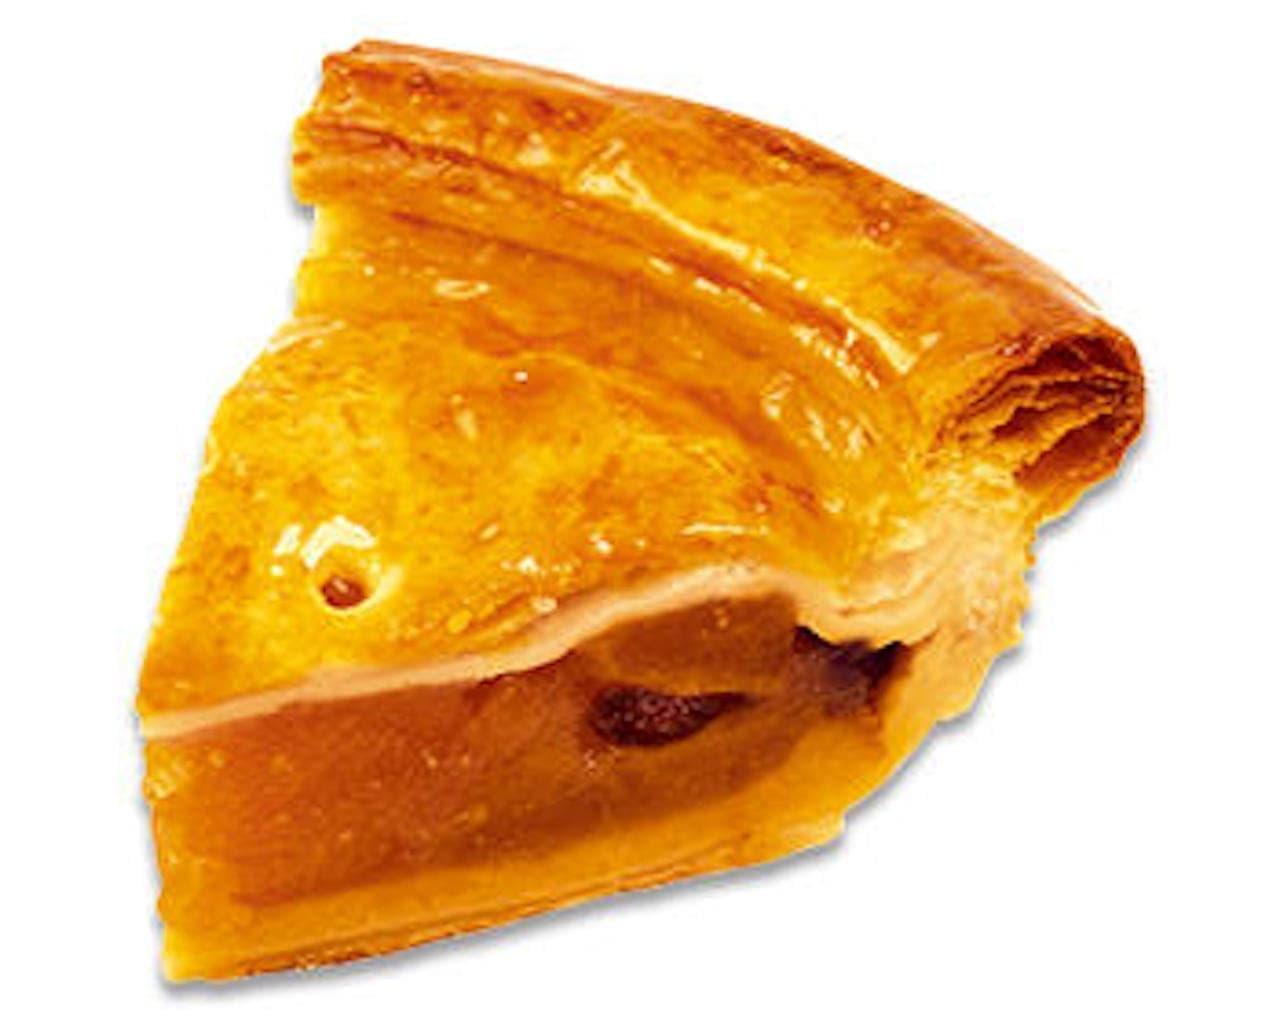 不二家「フルーツフェア」新作ケーキ「 シナノゴールドのアップルパイ」